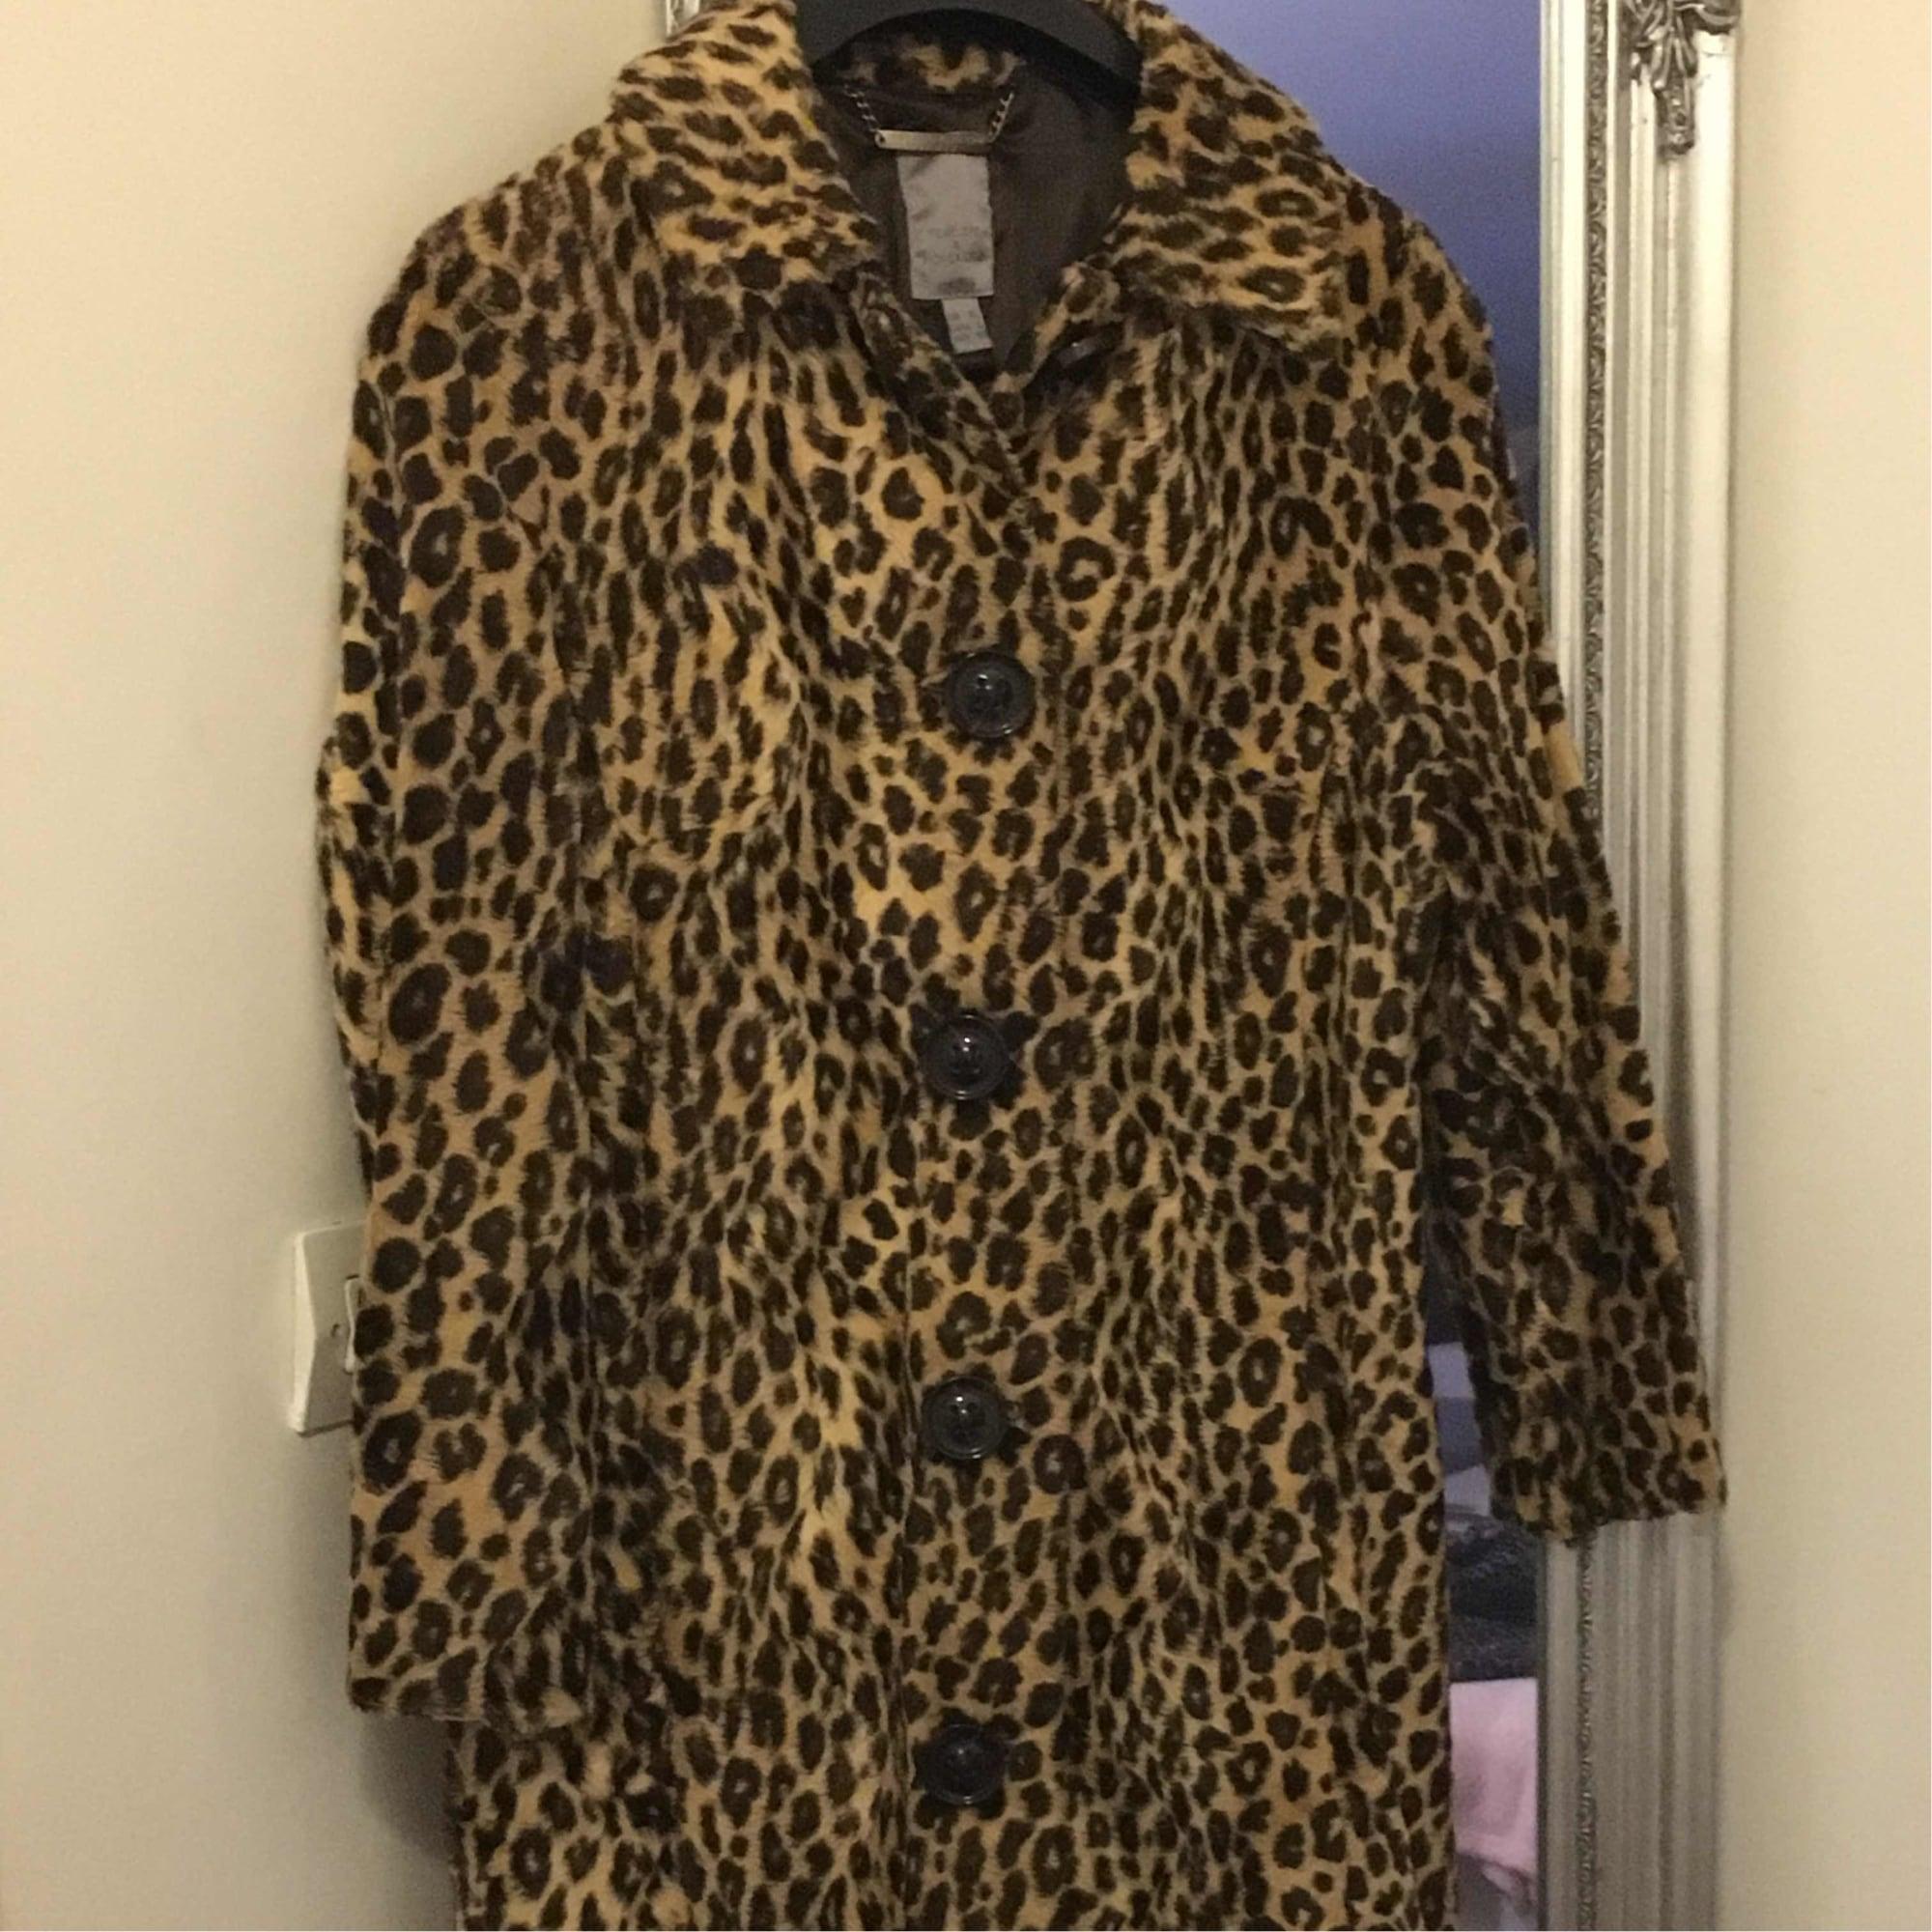 e779128b263c Manteau en fourrure MANGO Leopard